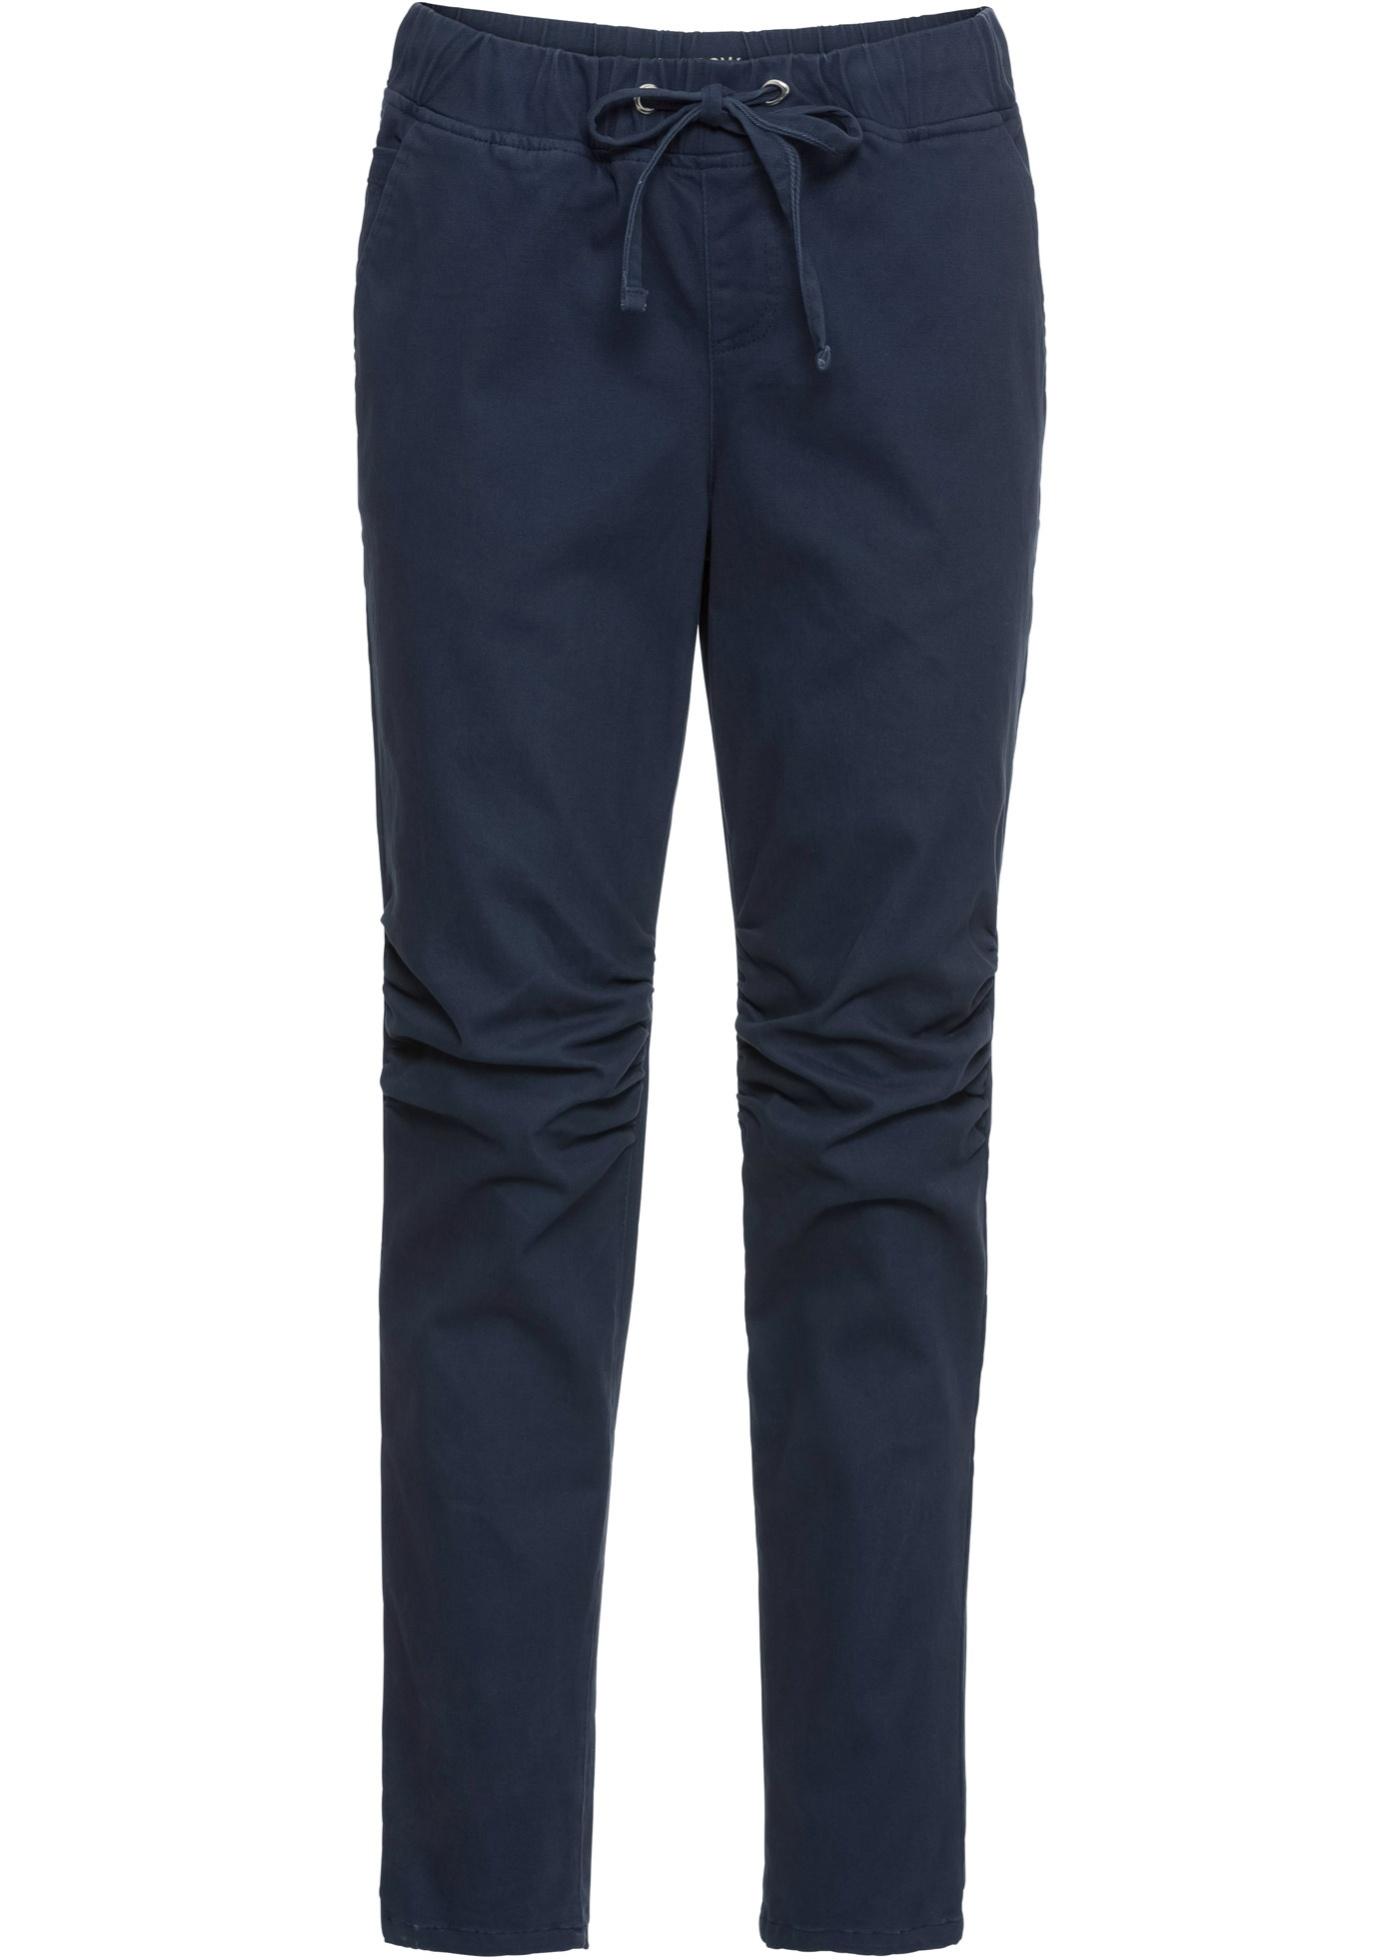 Kargo kalhoty - Modrá